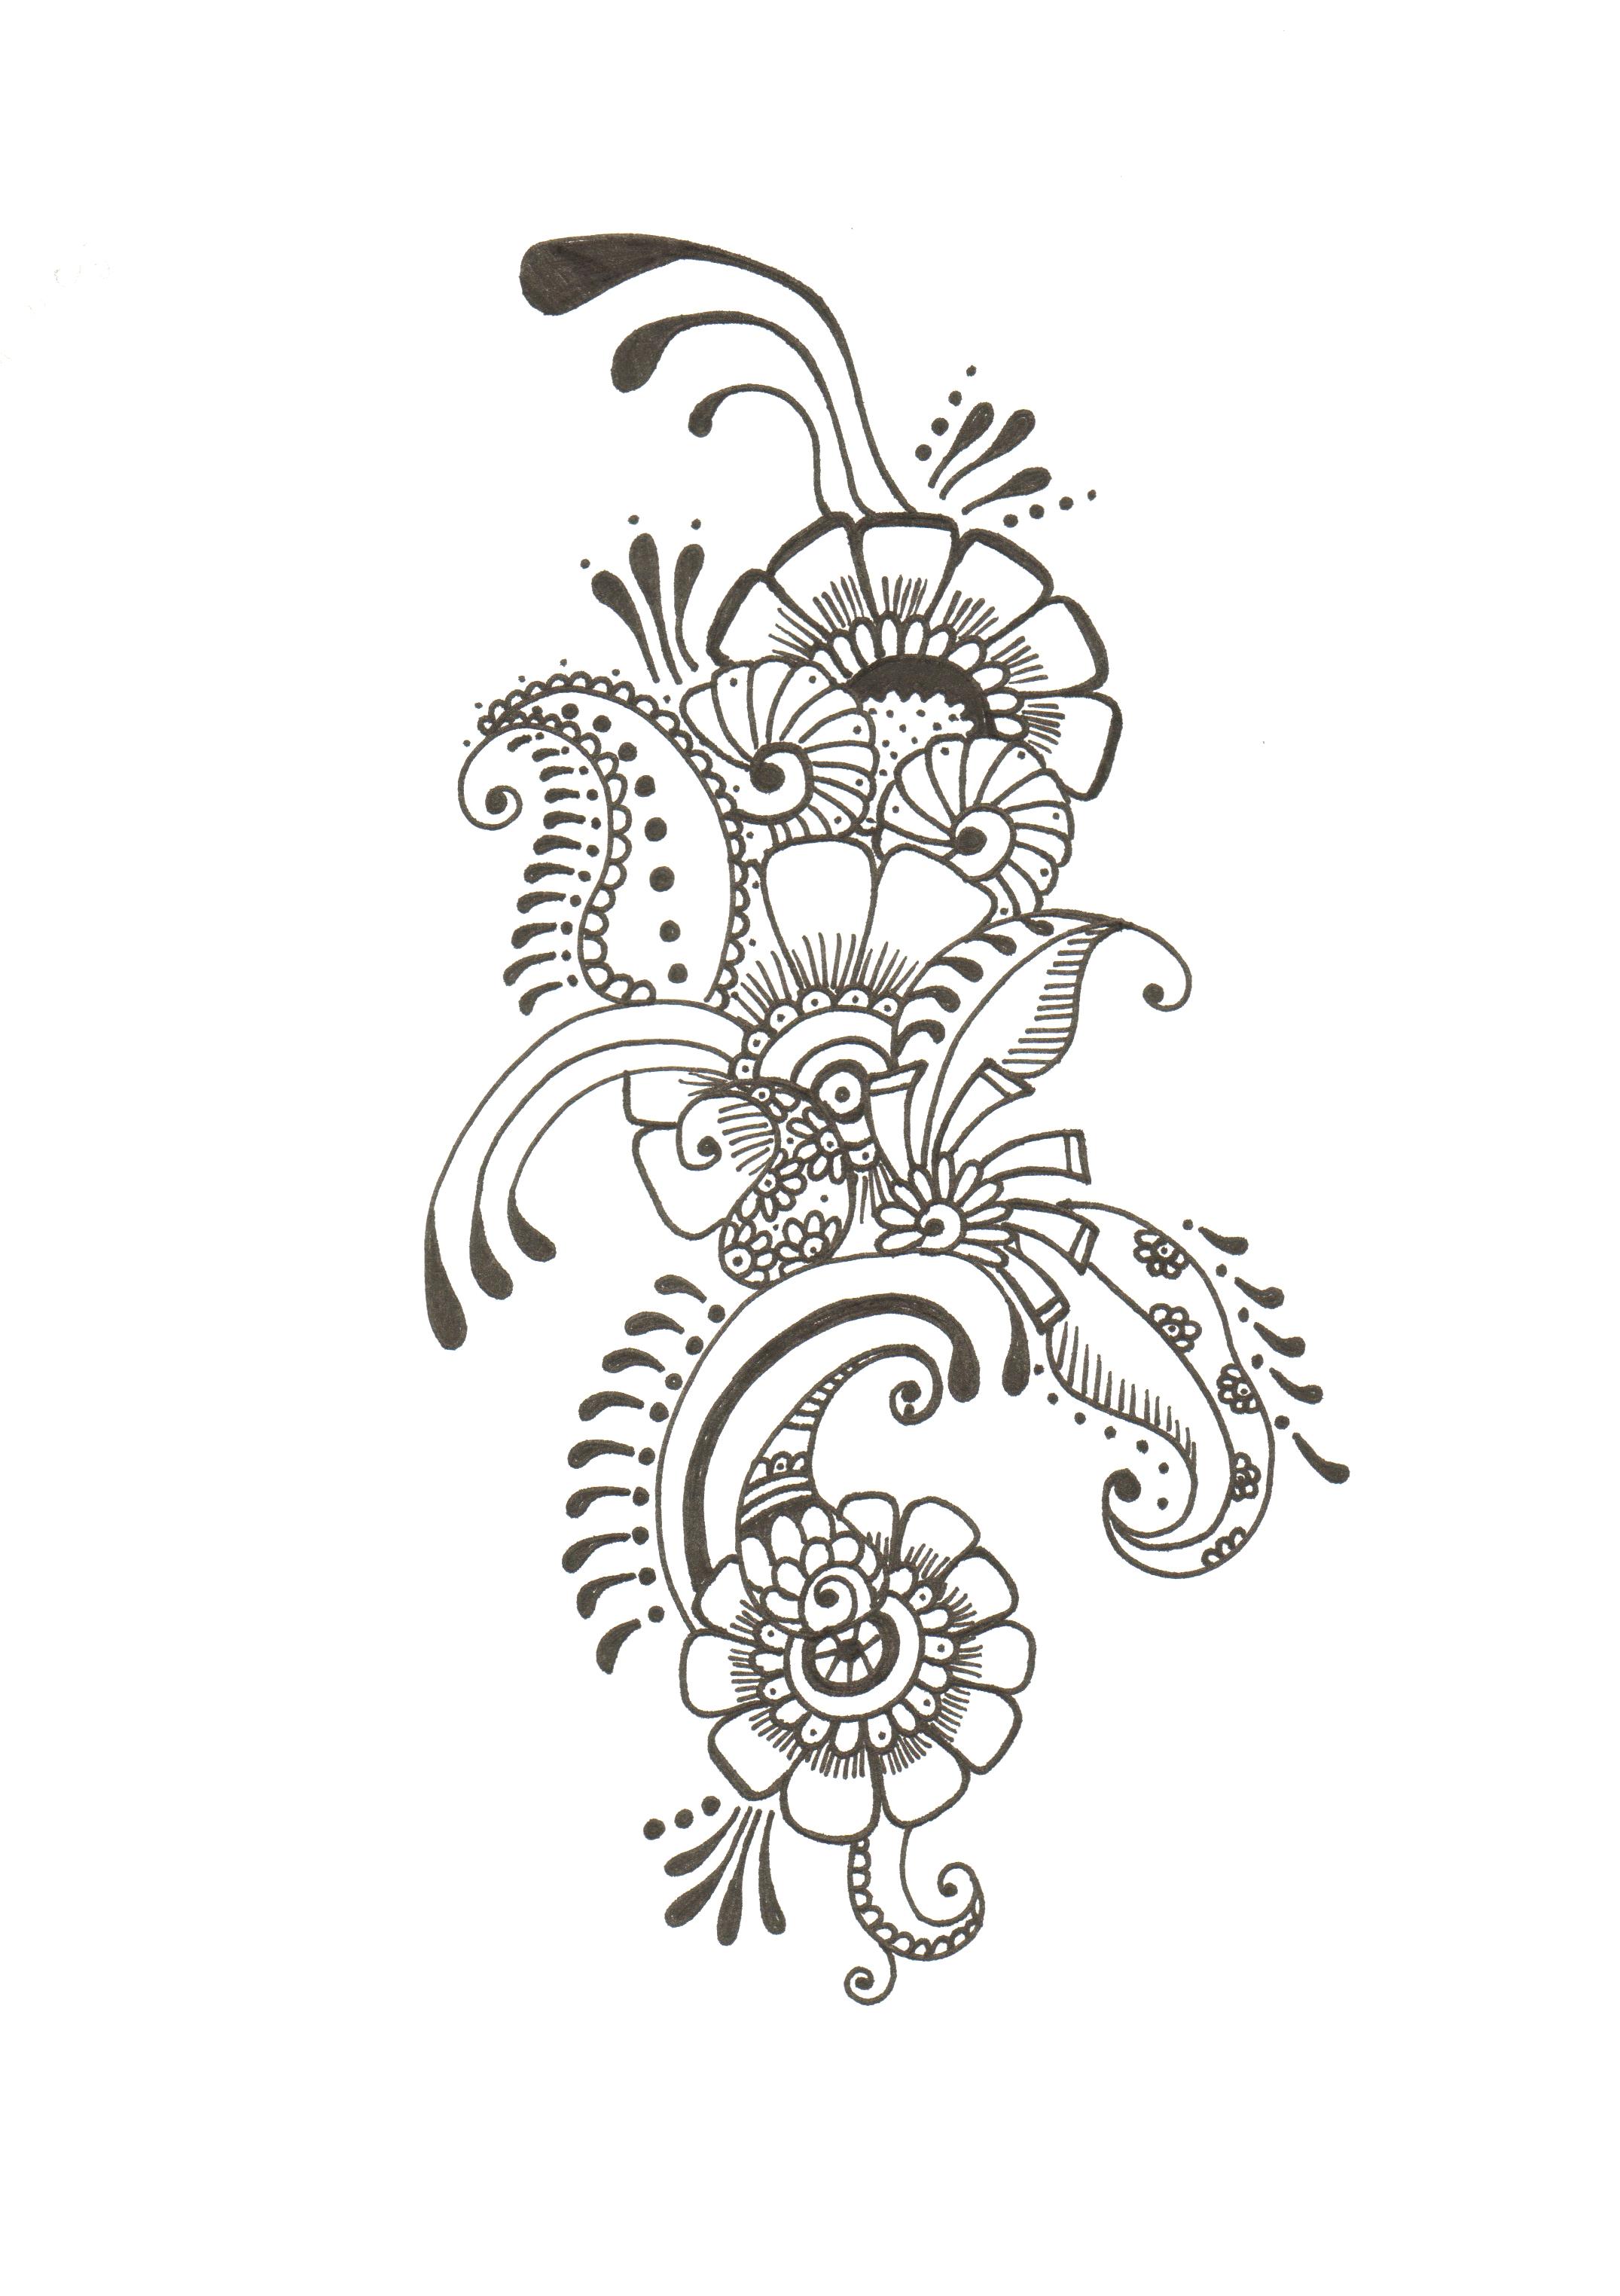 2151x3048 Simple Mehndi Design Drawings